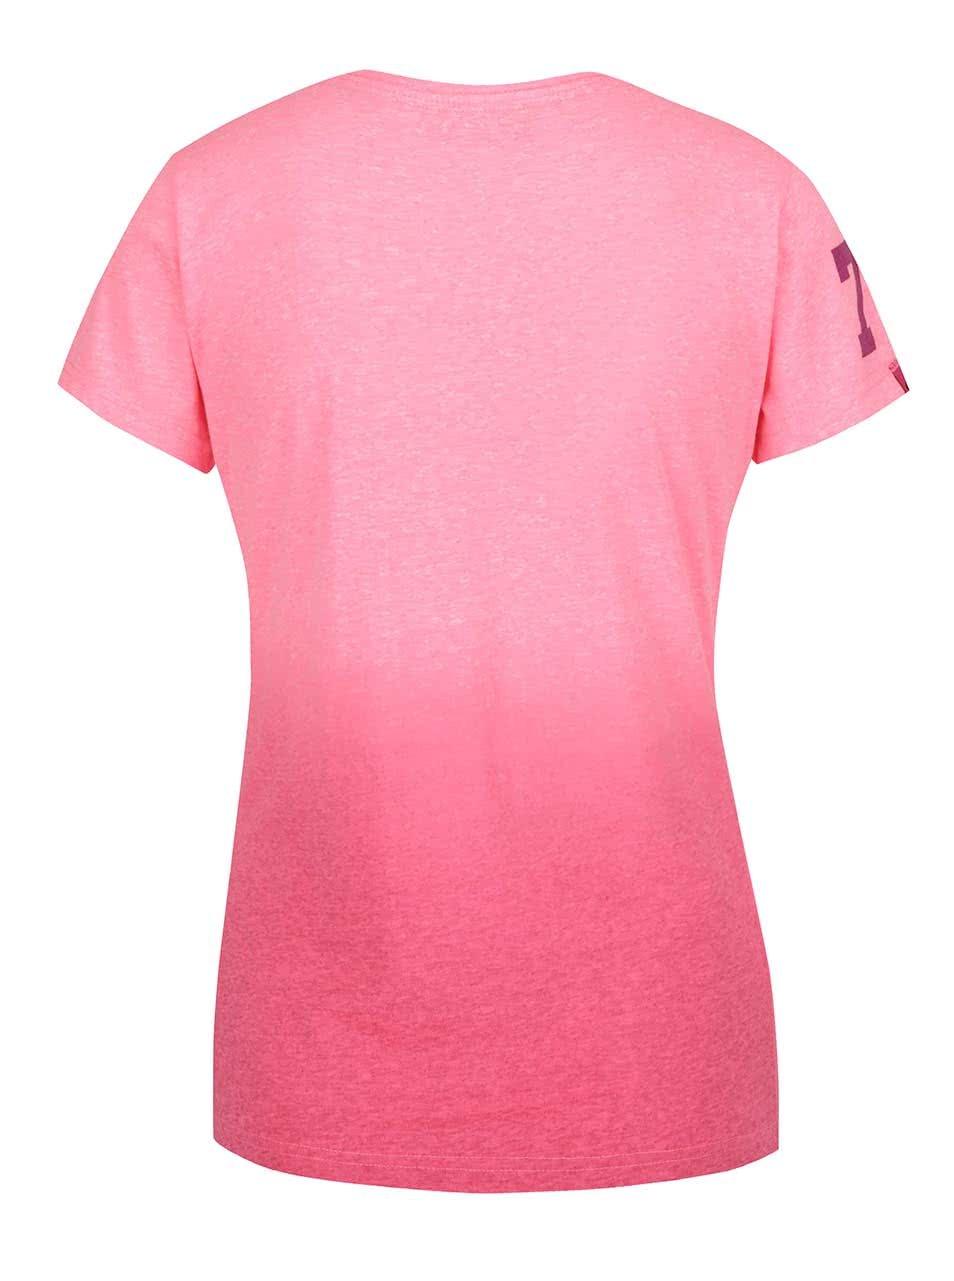 d253af882490 Růžové dámské žíhané tričko s potiskem Superdry ...